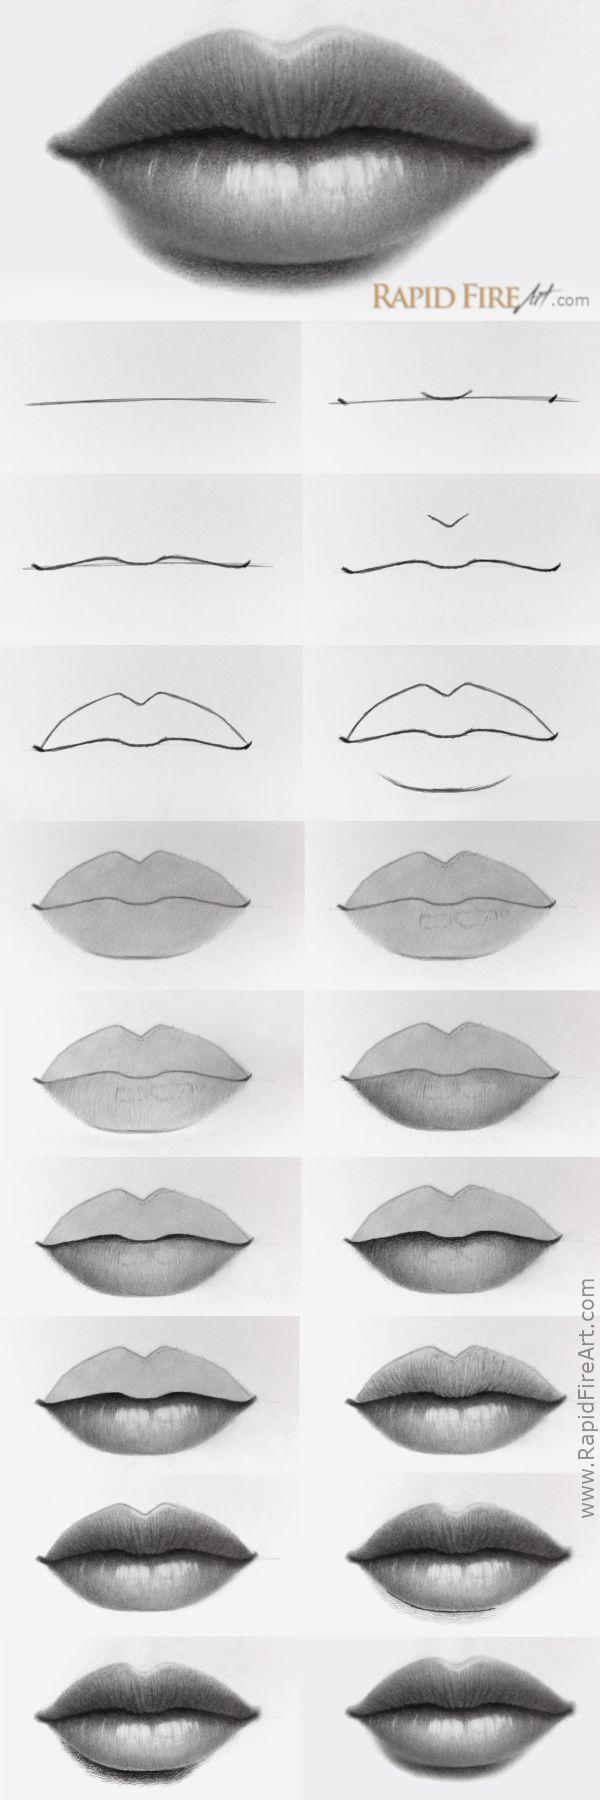 Wie zeichnet man Lippen? – RapidFireArt – #Lippen #MAN #RapidFireArt #Wie #zeic… #drawings #art